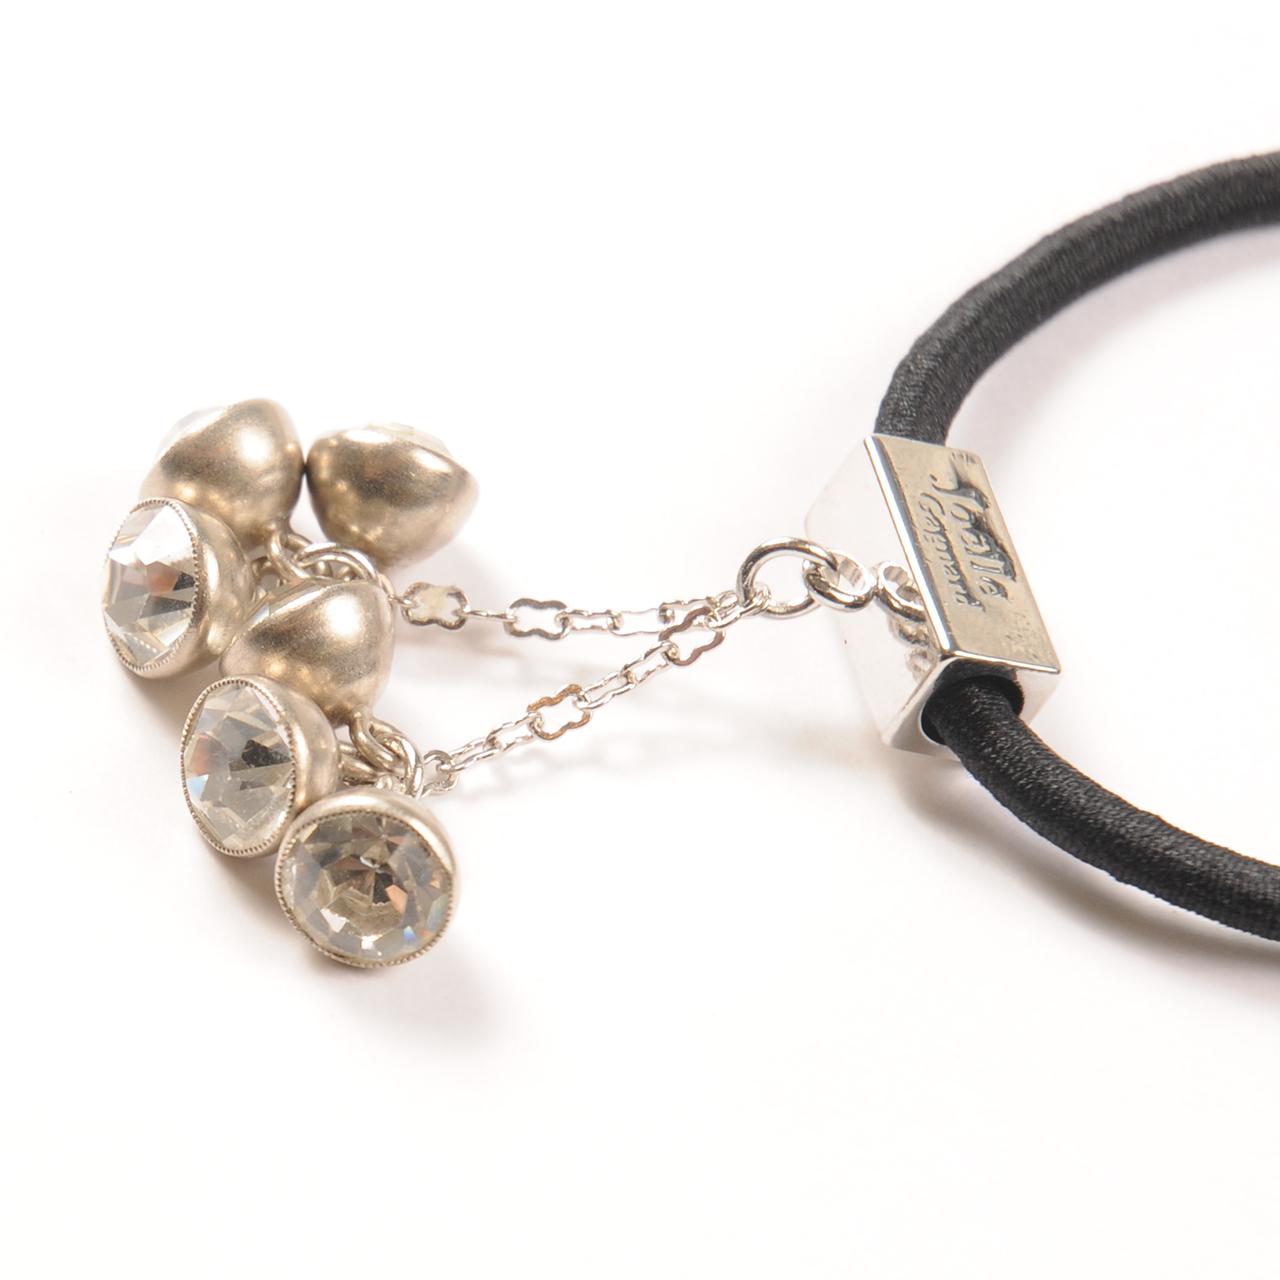 Joe20SS-19 bijou chain gom (silver)